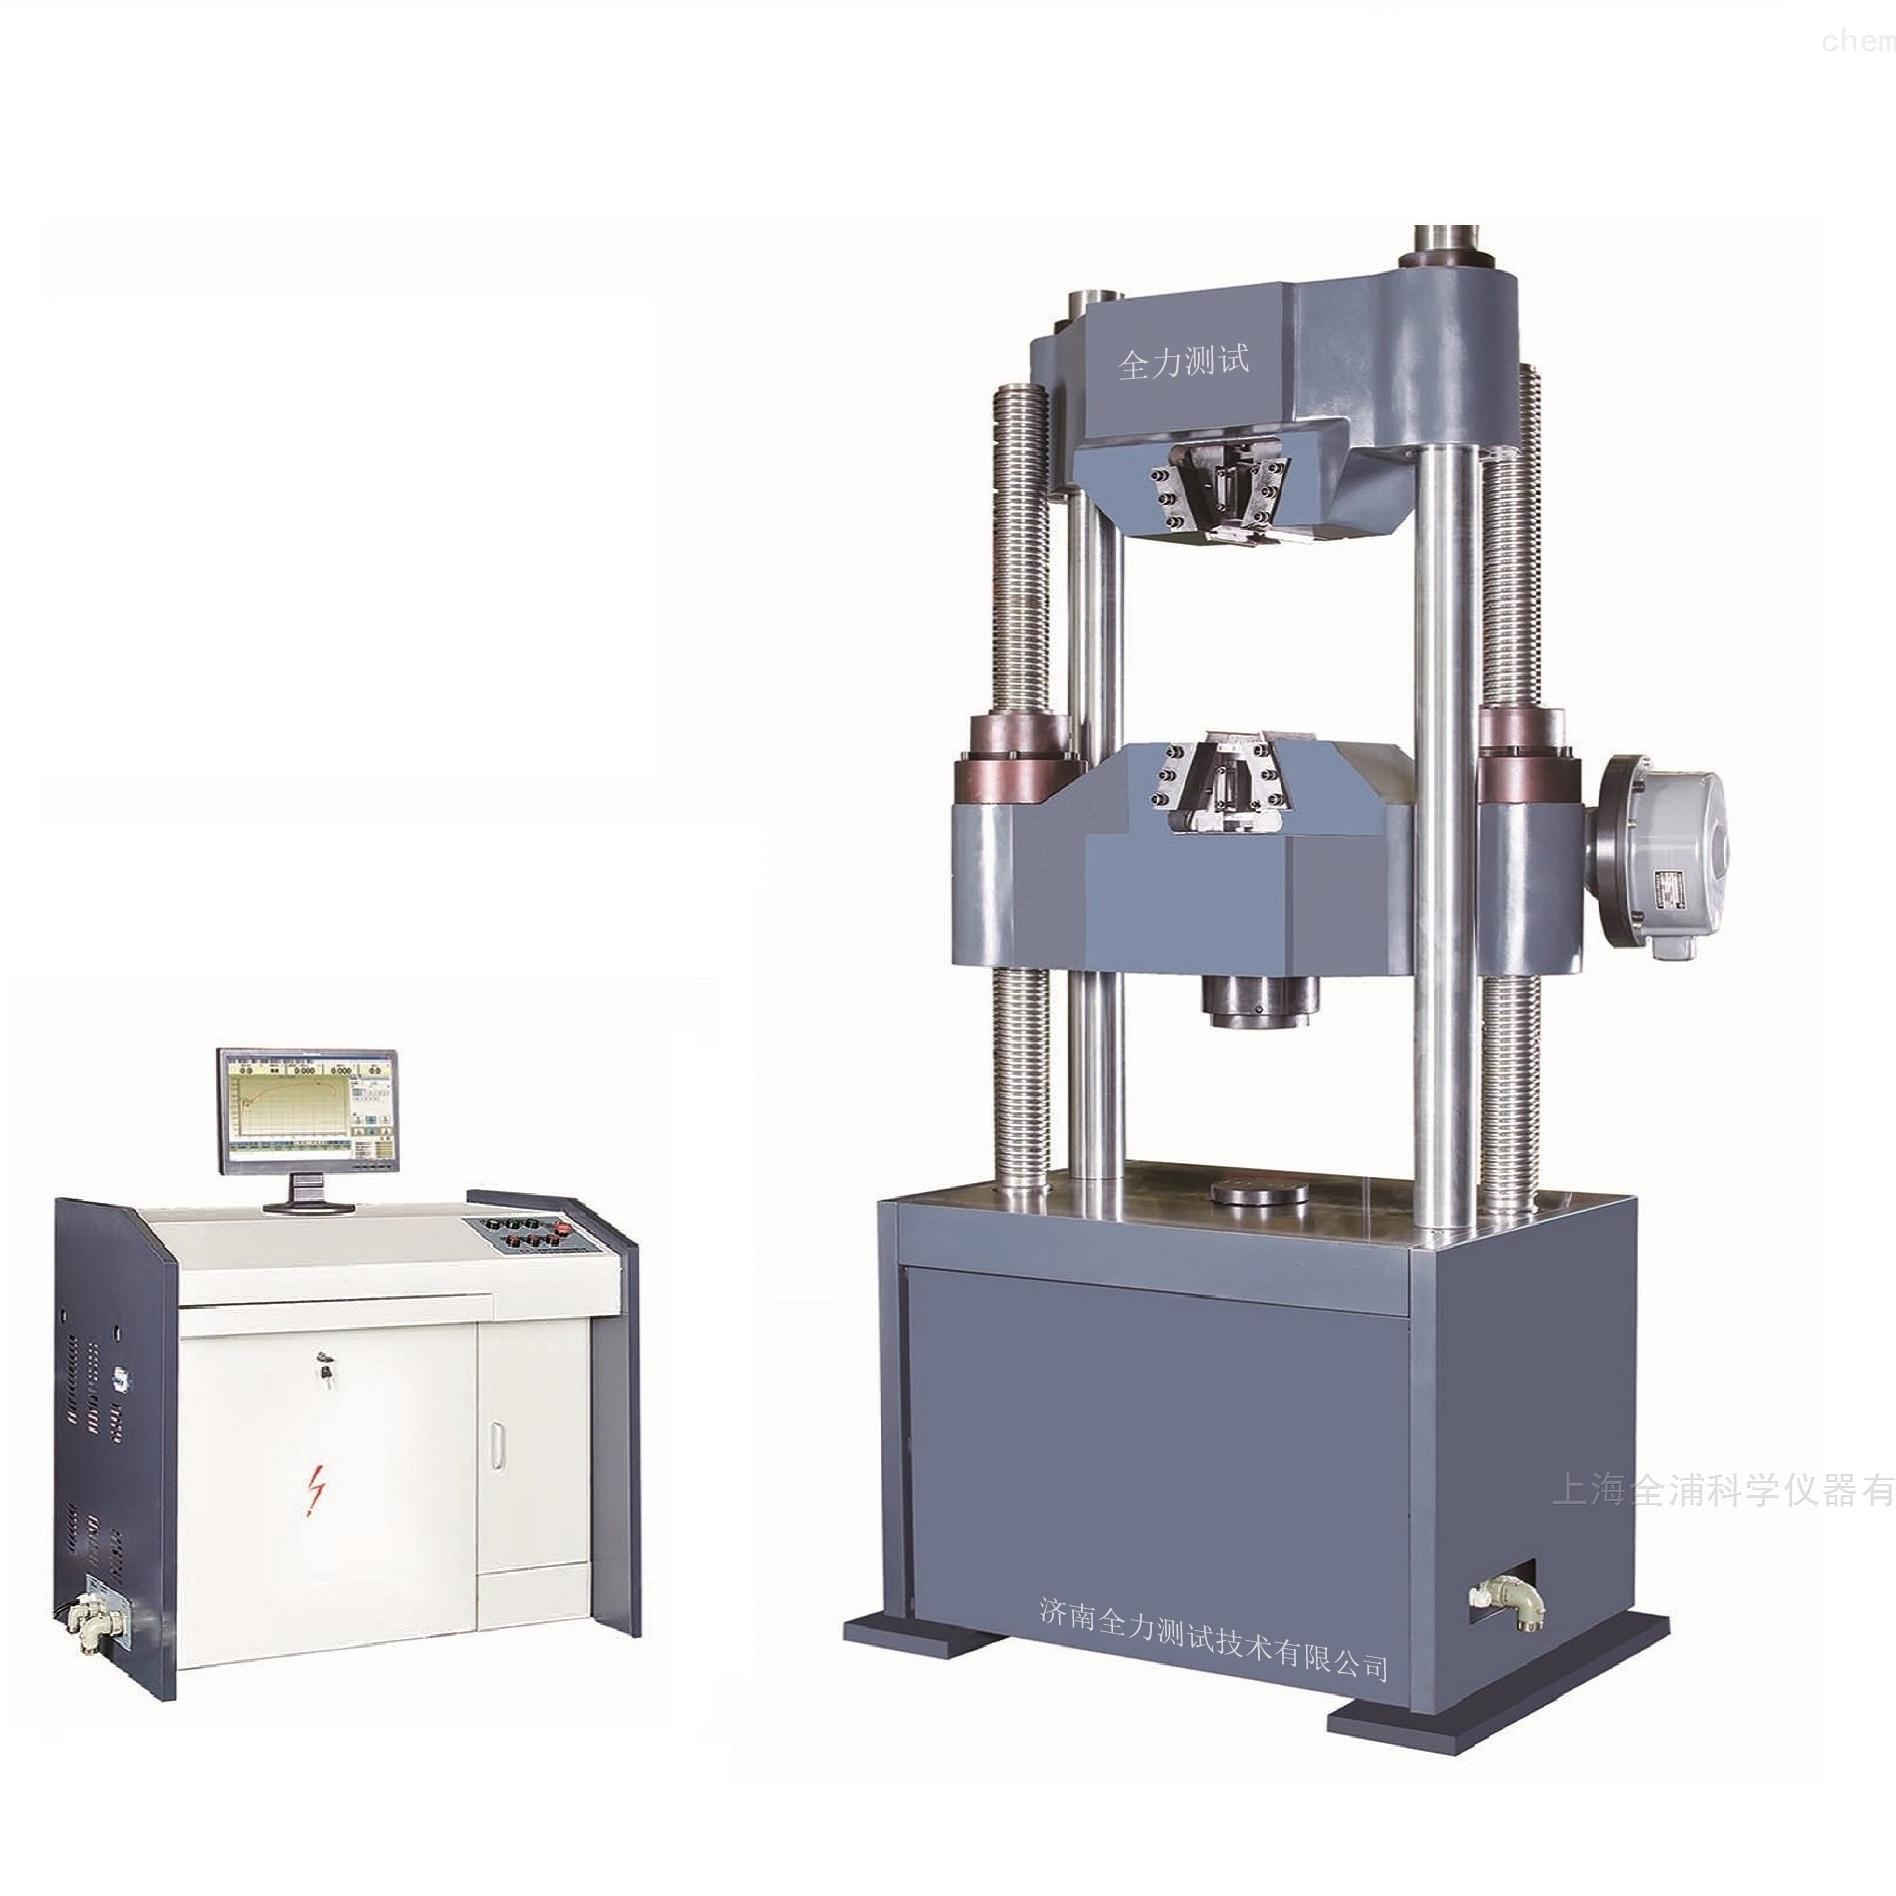 微机控制电液伺服液压万能试验机